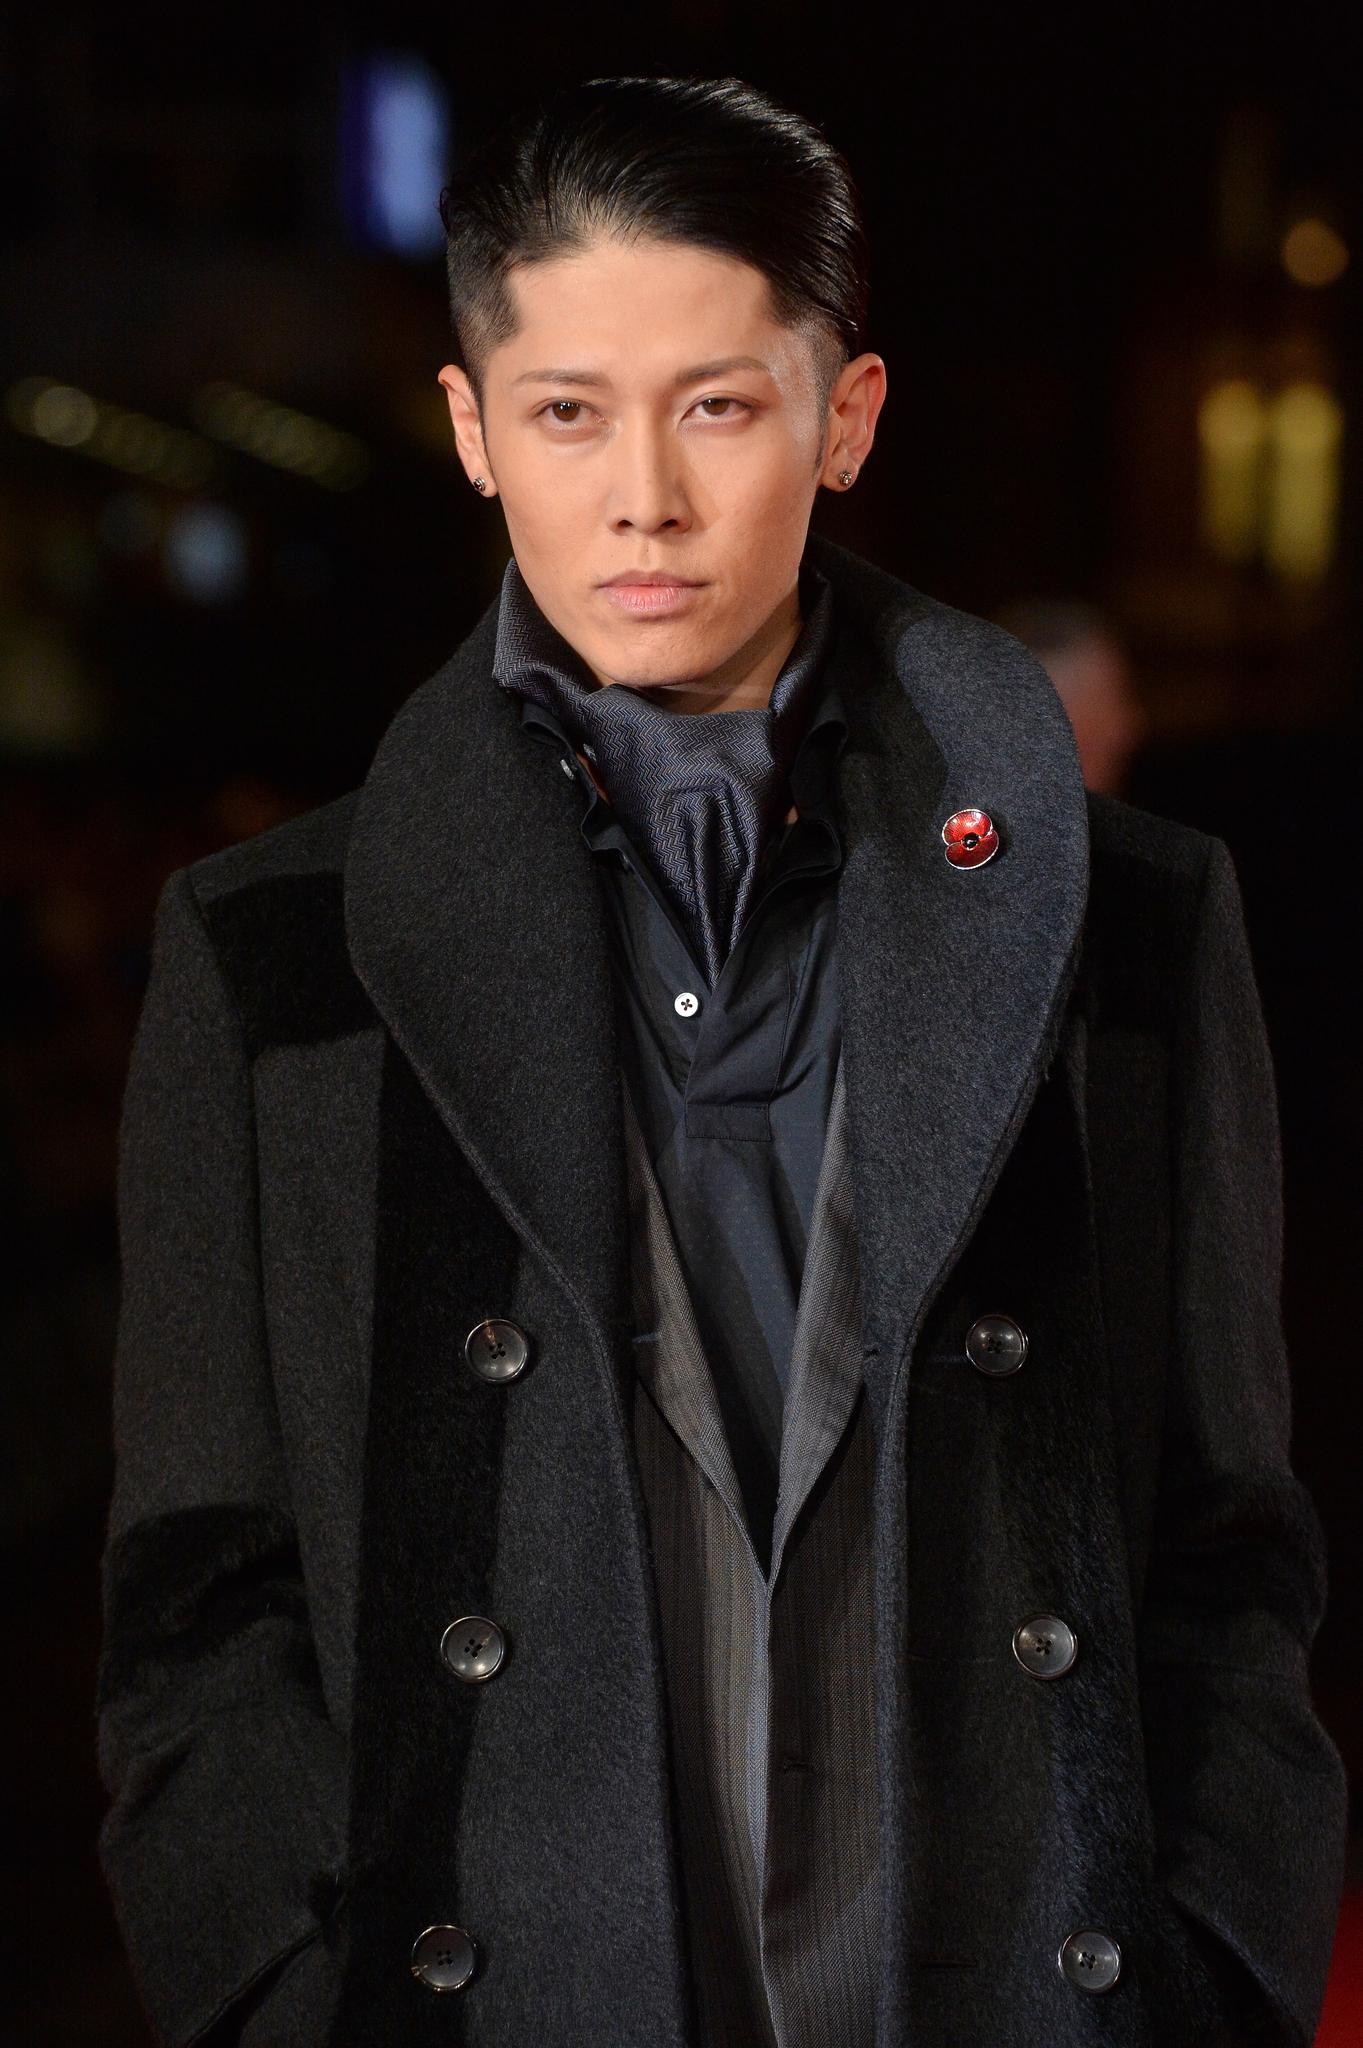 Ishihara Takamasa